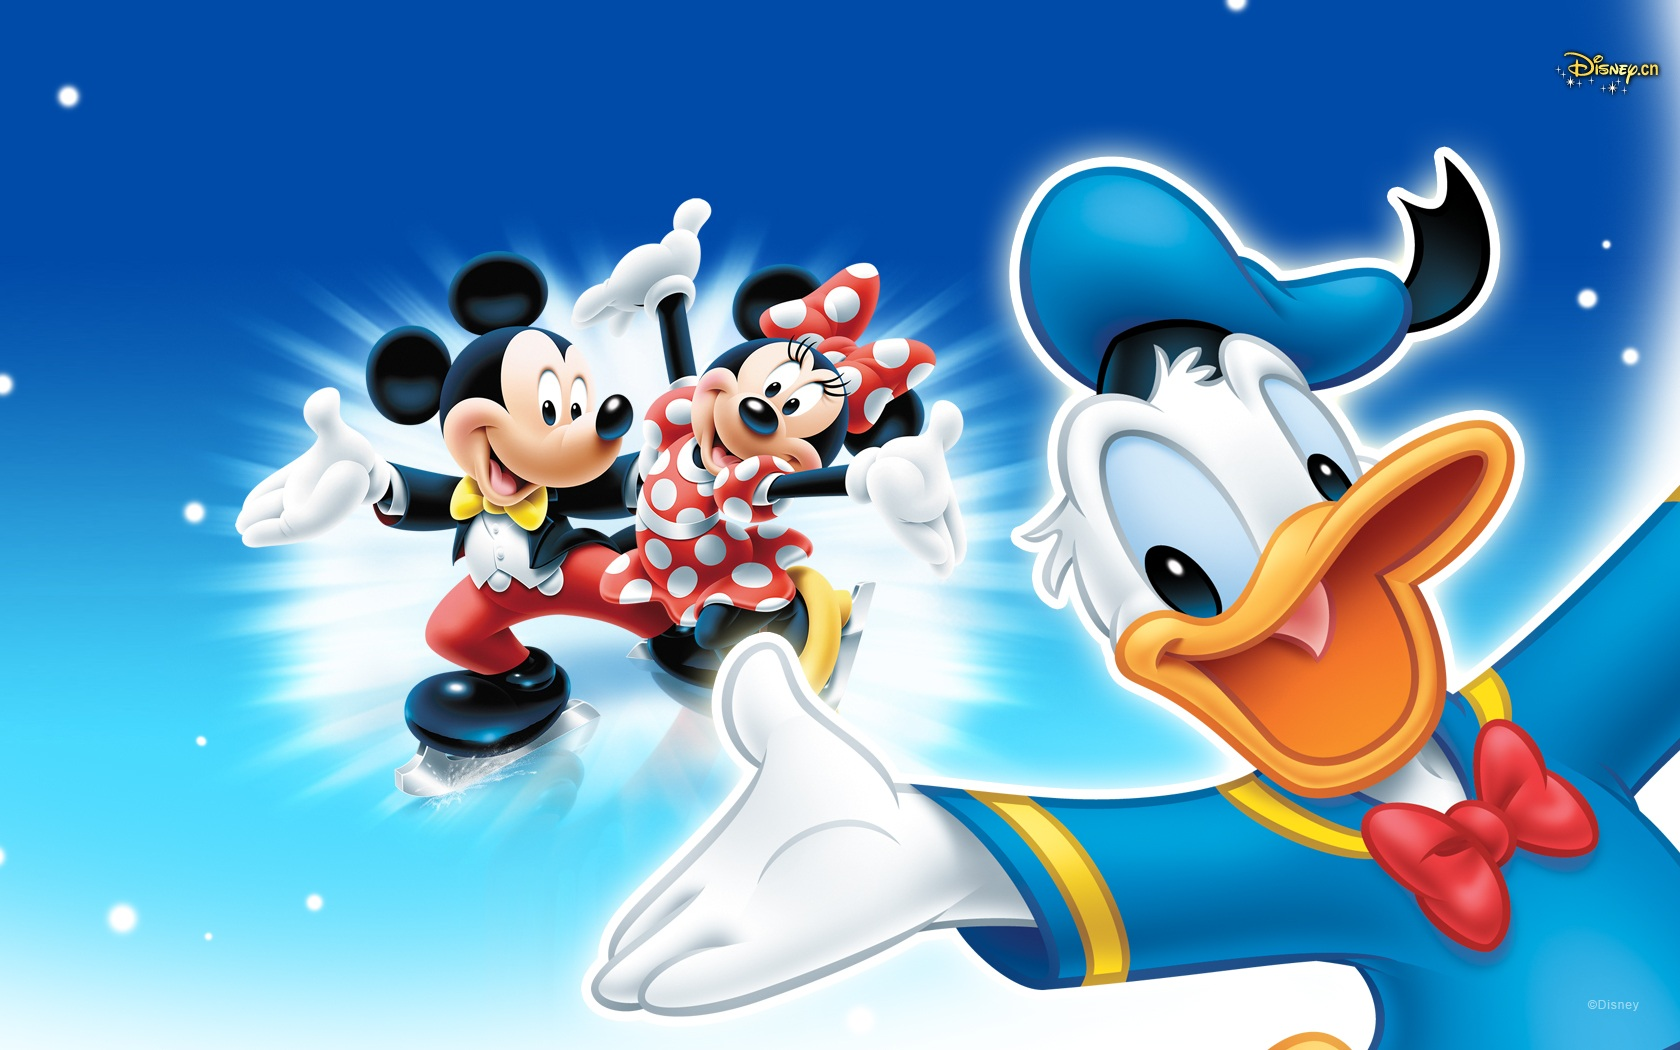 壁紙30枚 ディズニーで人気のドナルドダックの可愛すぎる高画質画像